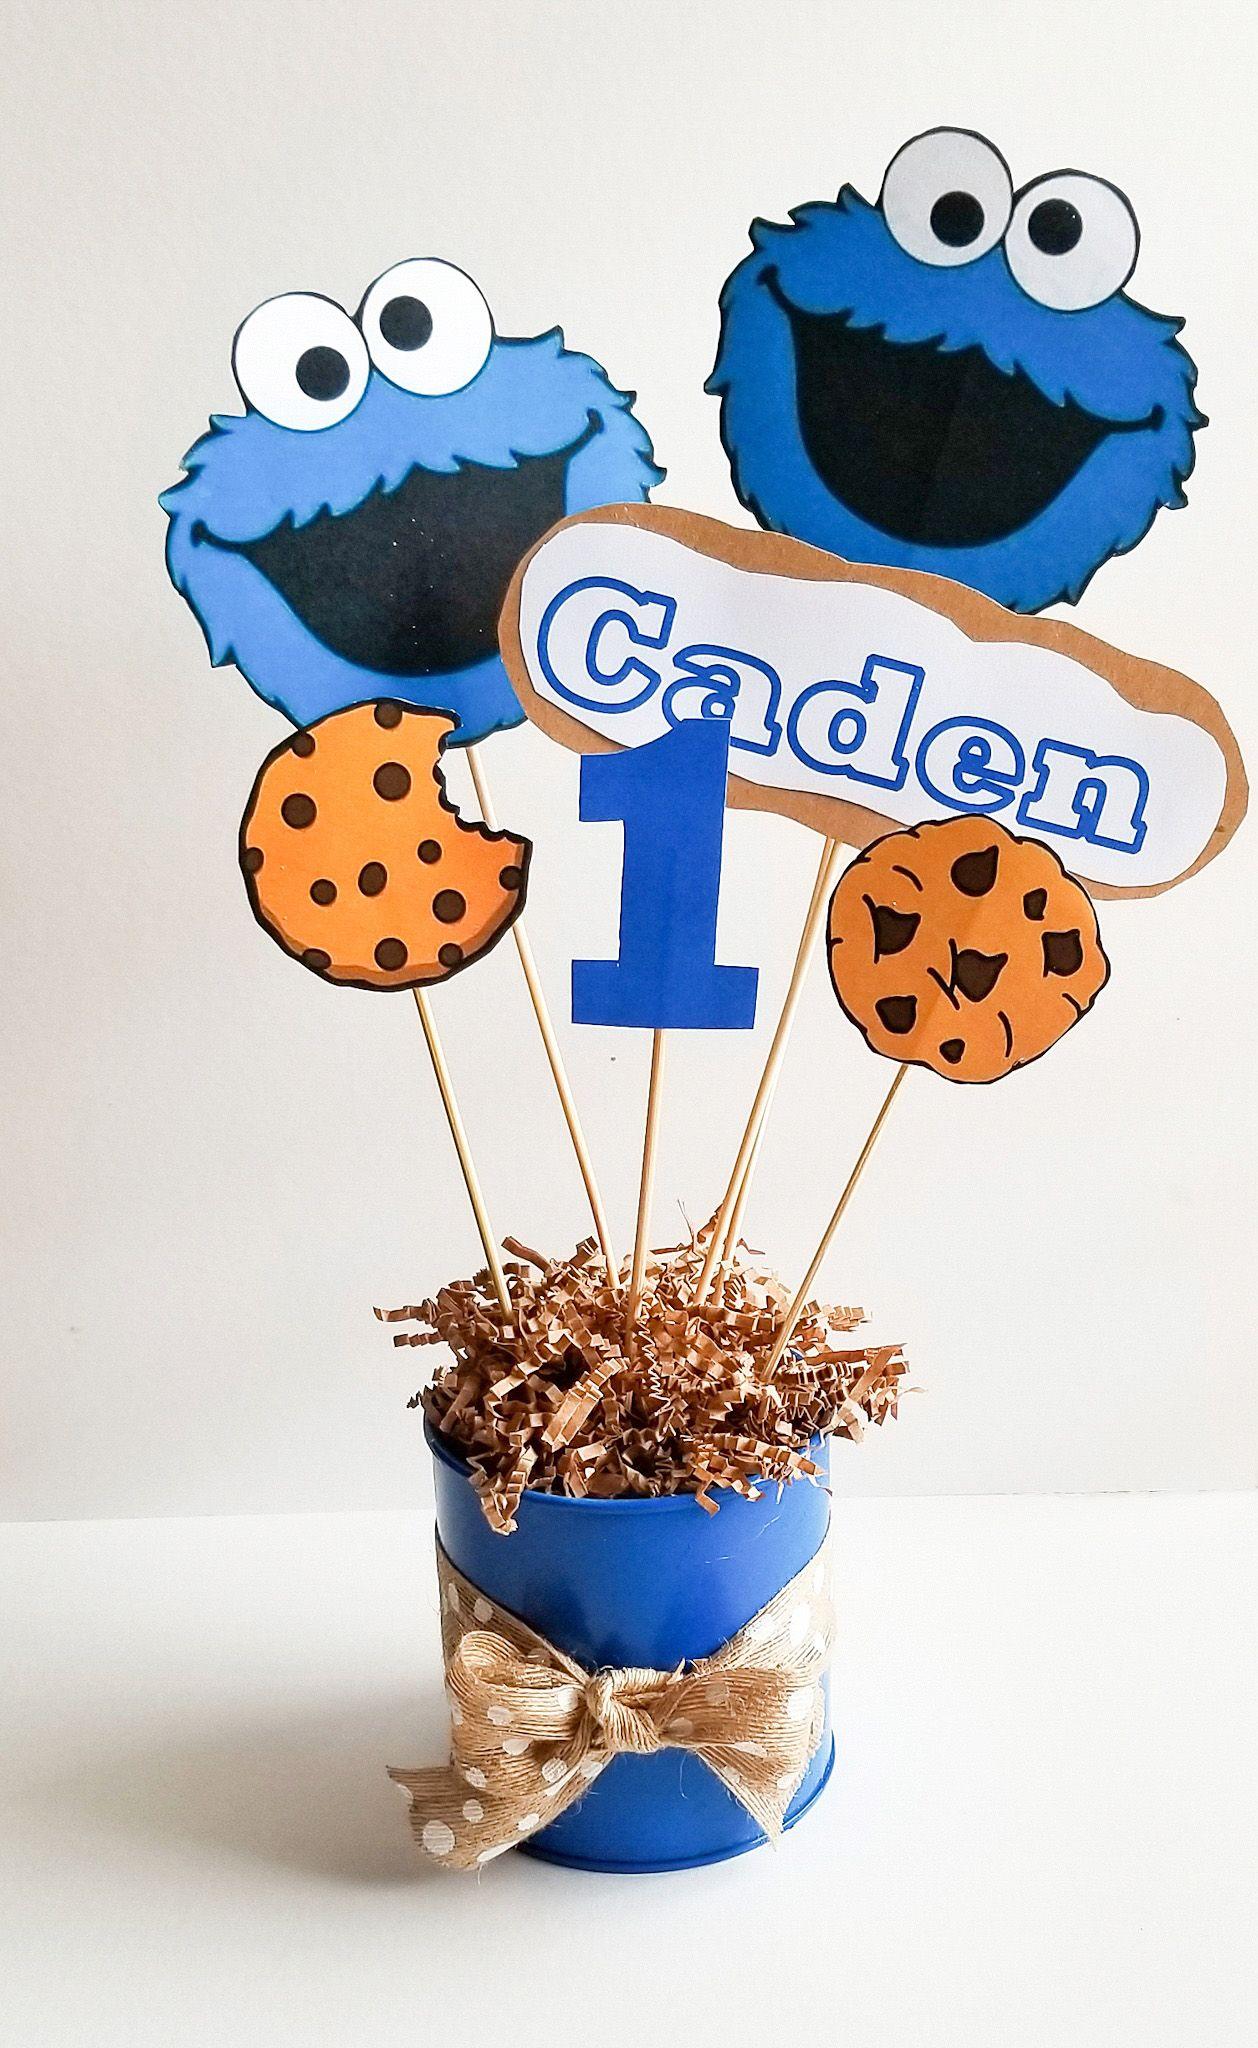 Diy Cookie Monster Party Beautiful Eats Things Cookie Monster Party Cookie Monster Birthday Party Monster Cookies